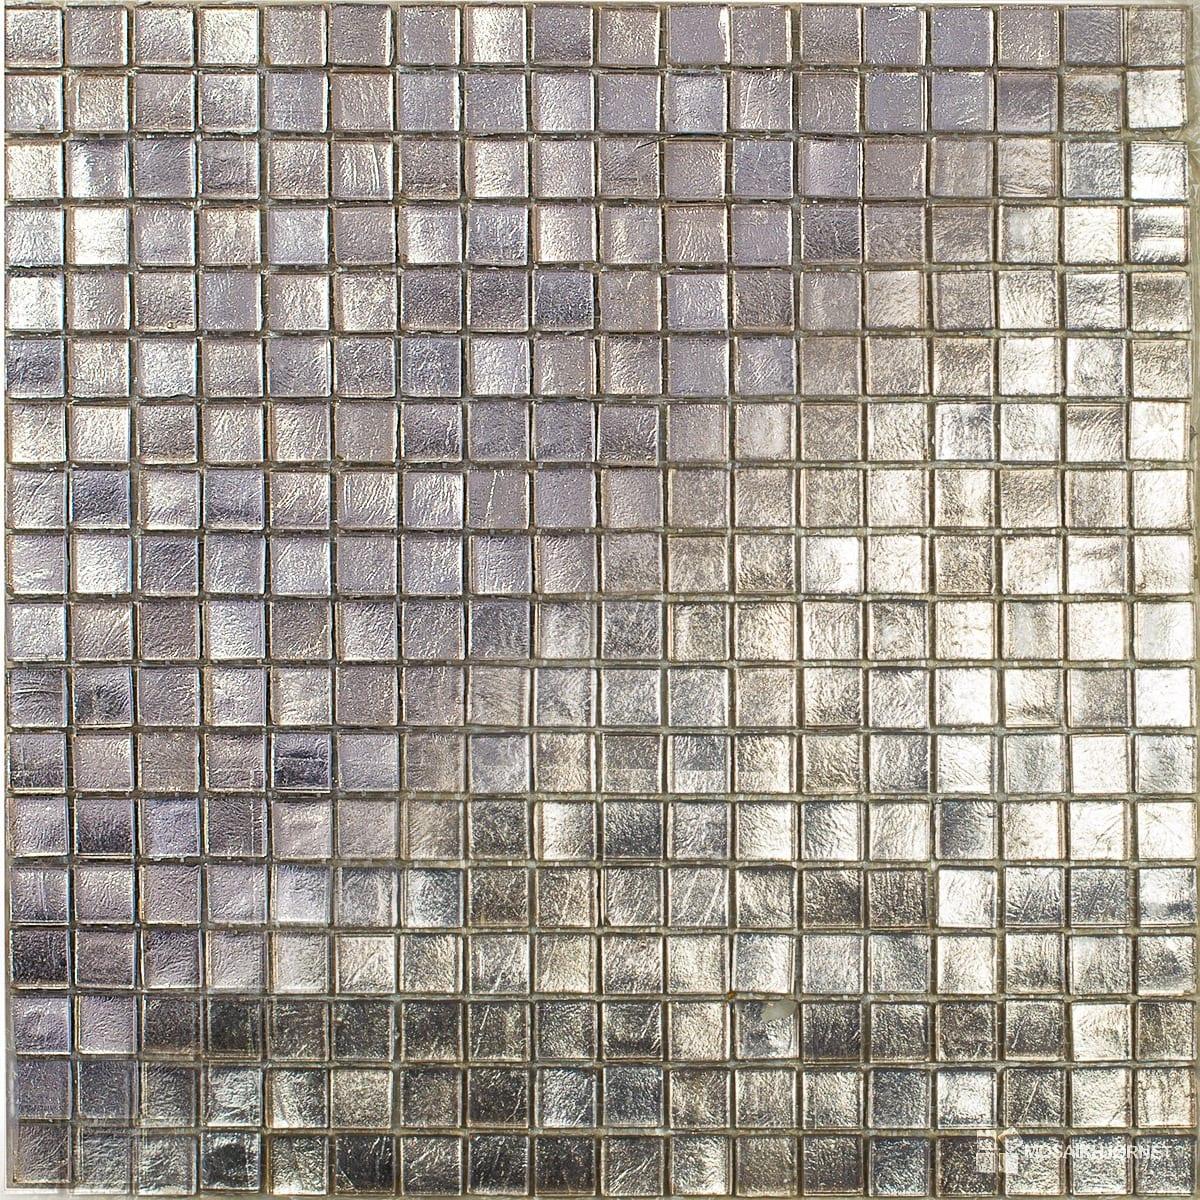 #5B5042 Mest effektive Argento Antico Sølv 1 4x1 4 Mosaikhjørnet Fliser Klinker Og Mosaik Til B  Fliser Til Bad Og Køkken 4805 120012004805